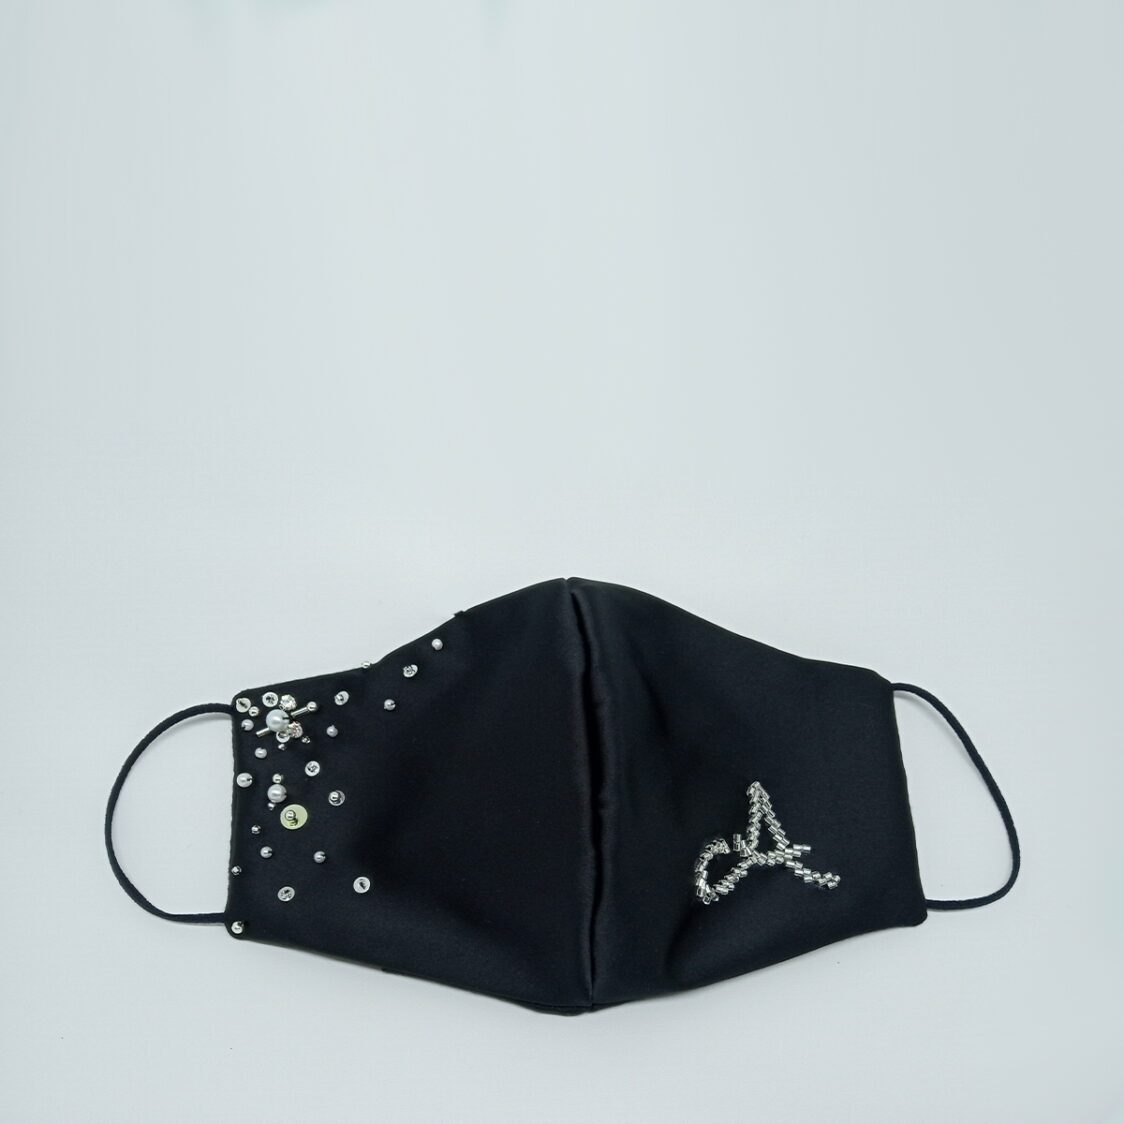 Gayatri Mask - Initial Black